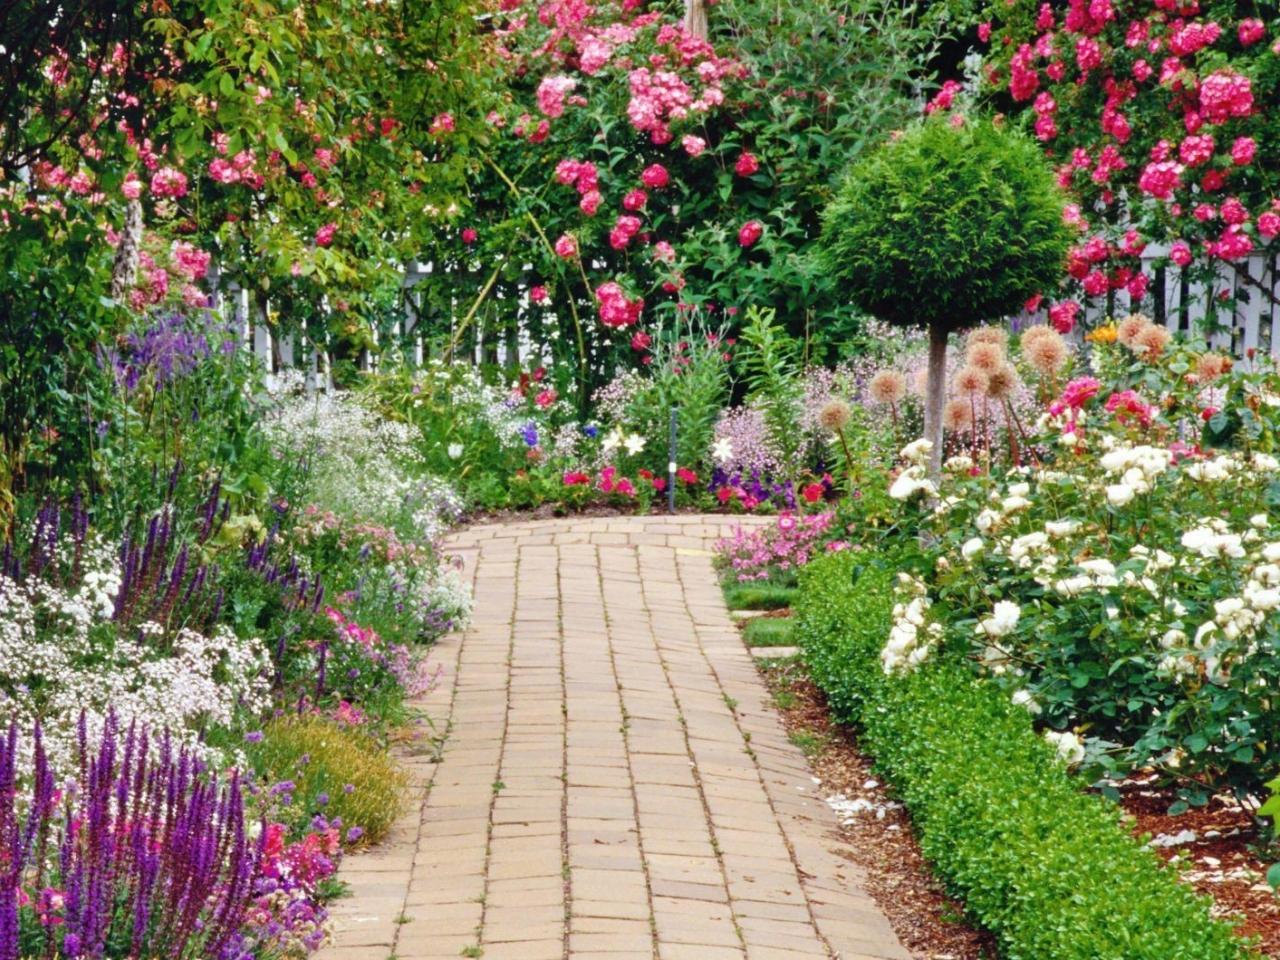 Flower Garden Wallpaper green flowers garden 10 free hd wallpaper - hdflowerwallpaper